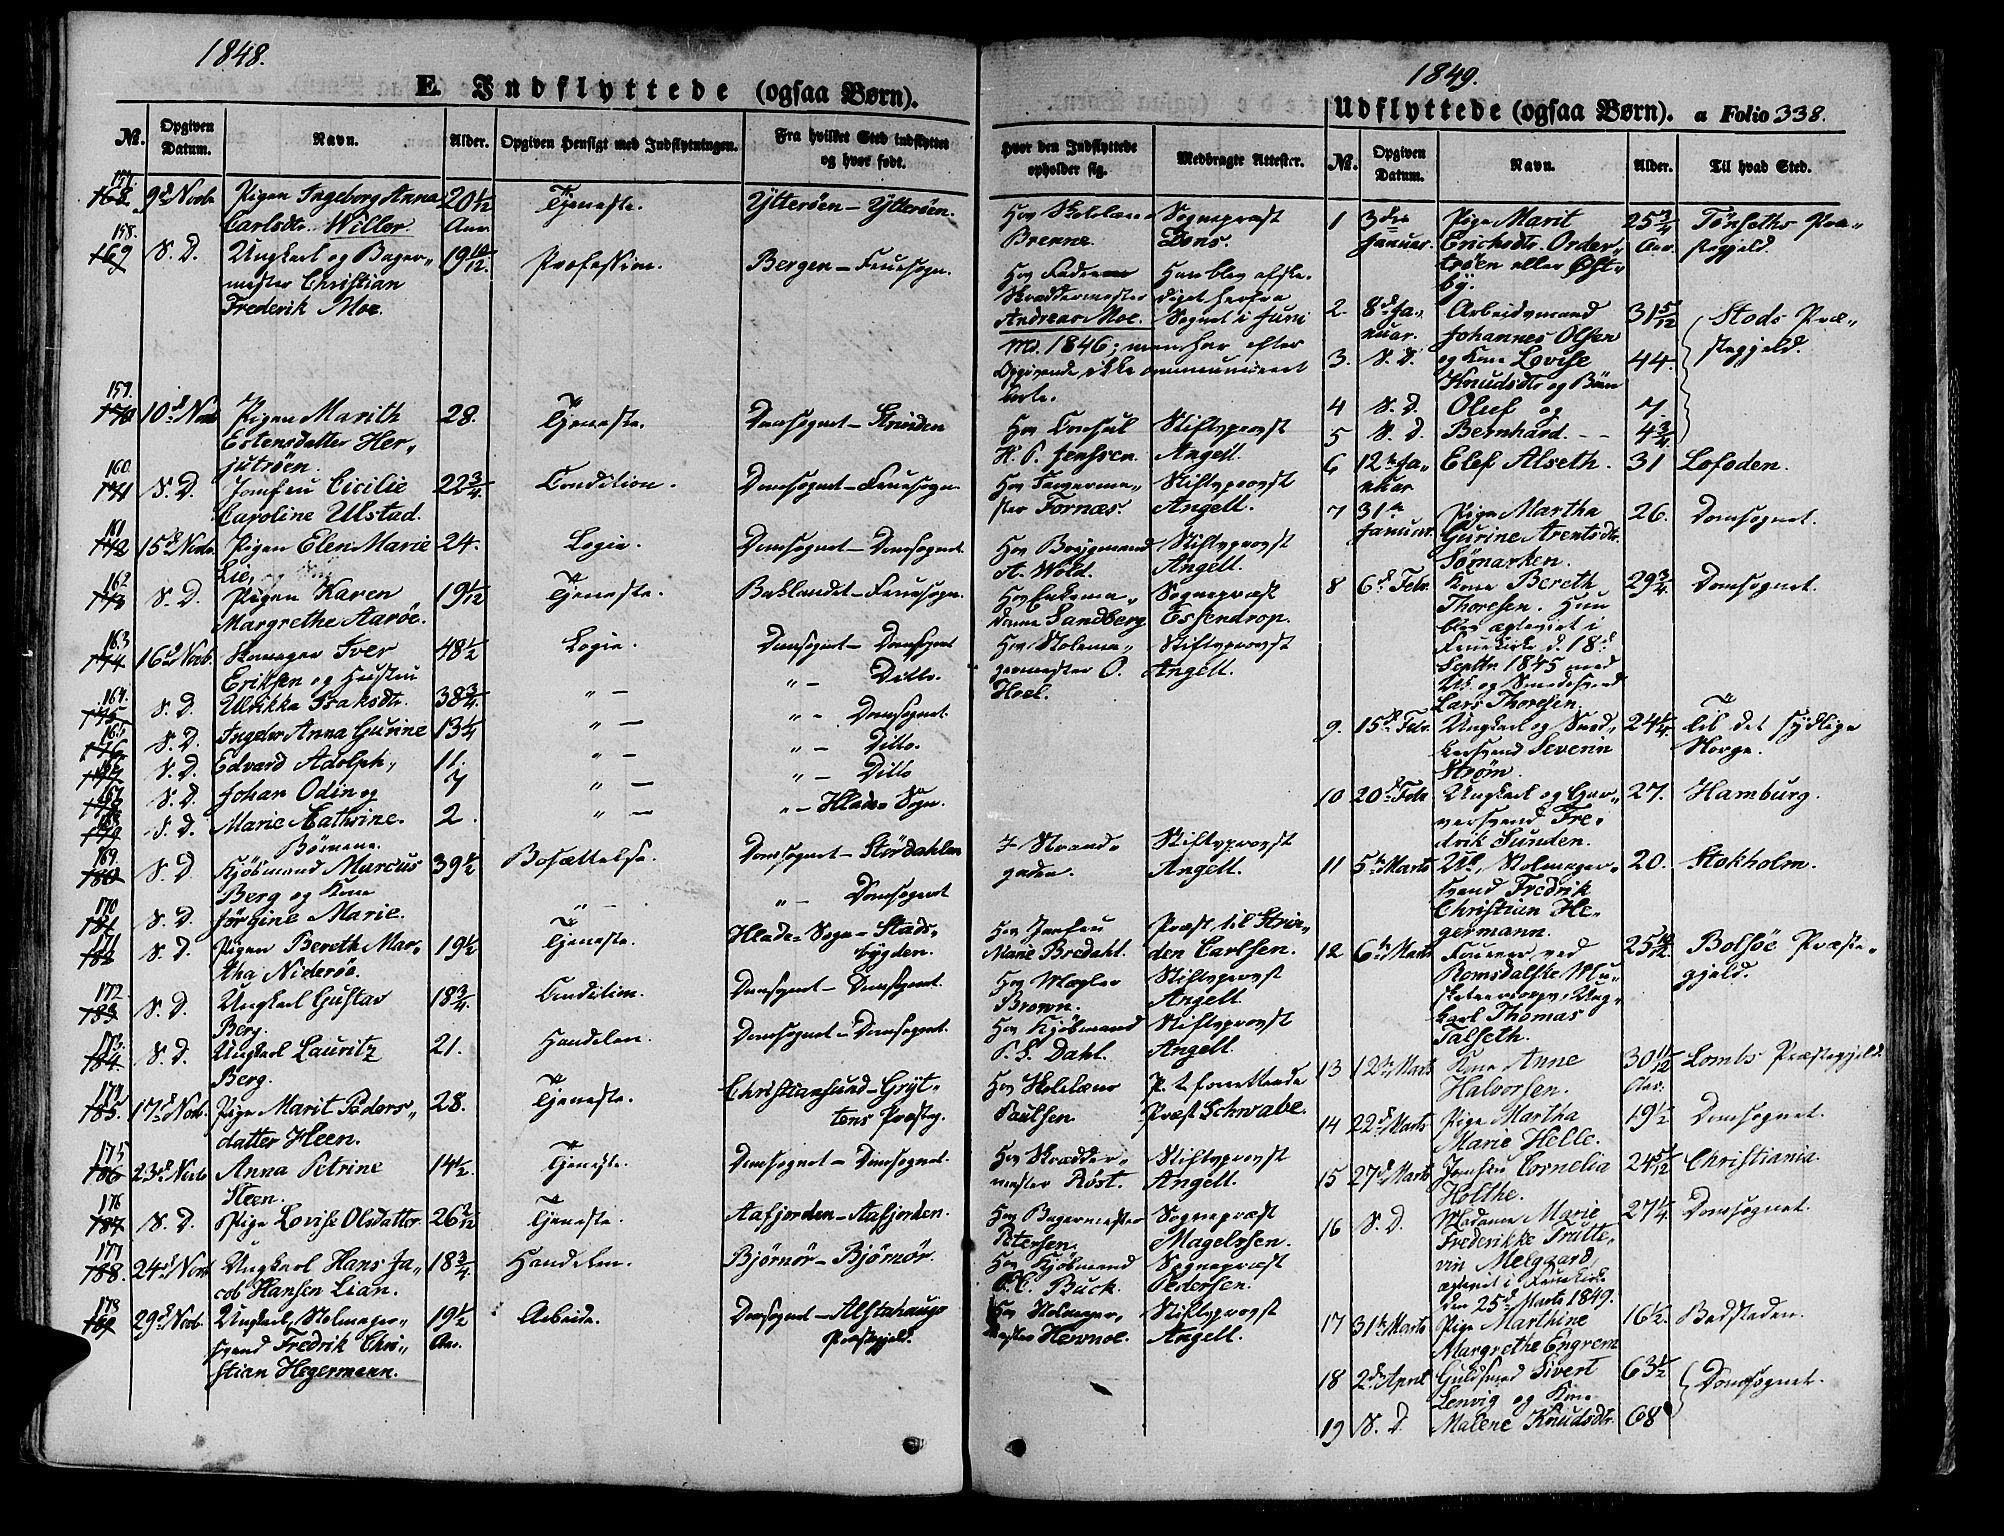 SAT, Ministerialprotokoller, klokkerbøker og fødselsregistre - Sør-Trøndelag, 602/L0137: Klokkerbok nr. 602C05, 1846-1856, s. 338